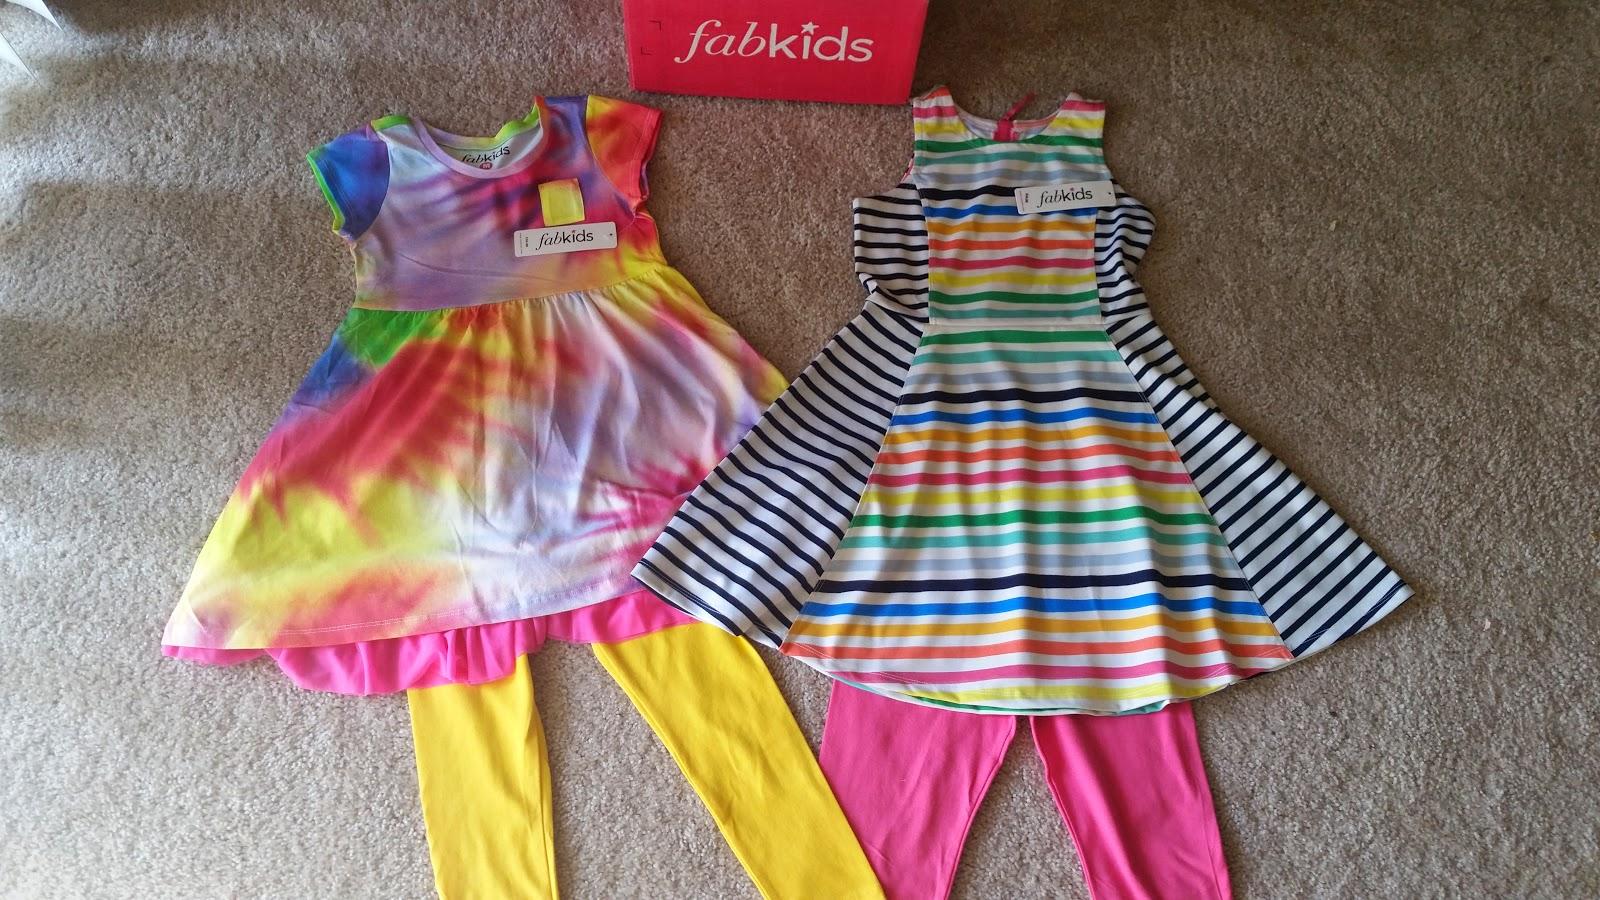 FabKids.com Review #LoveFabKids via www.Productreviewmom.com